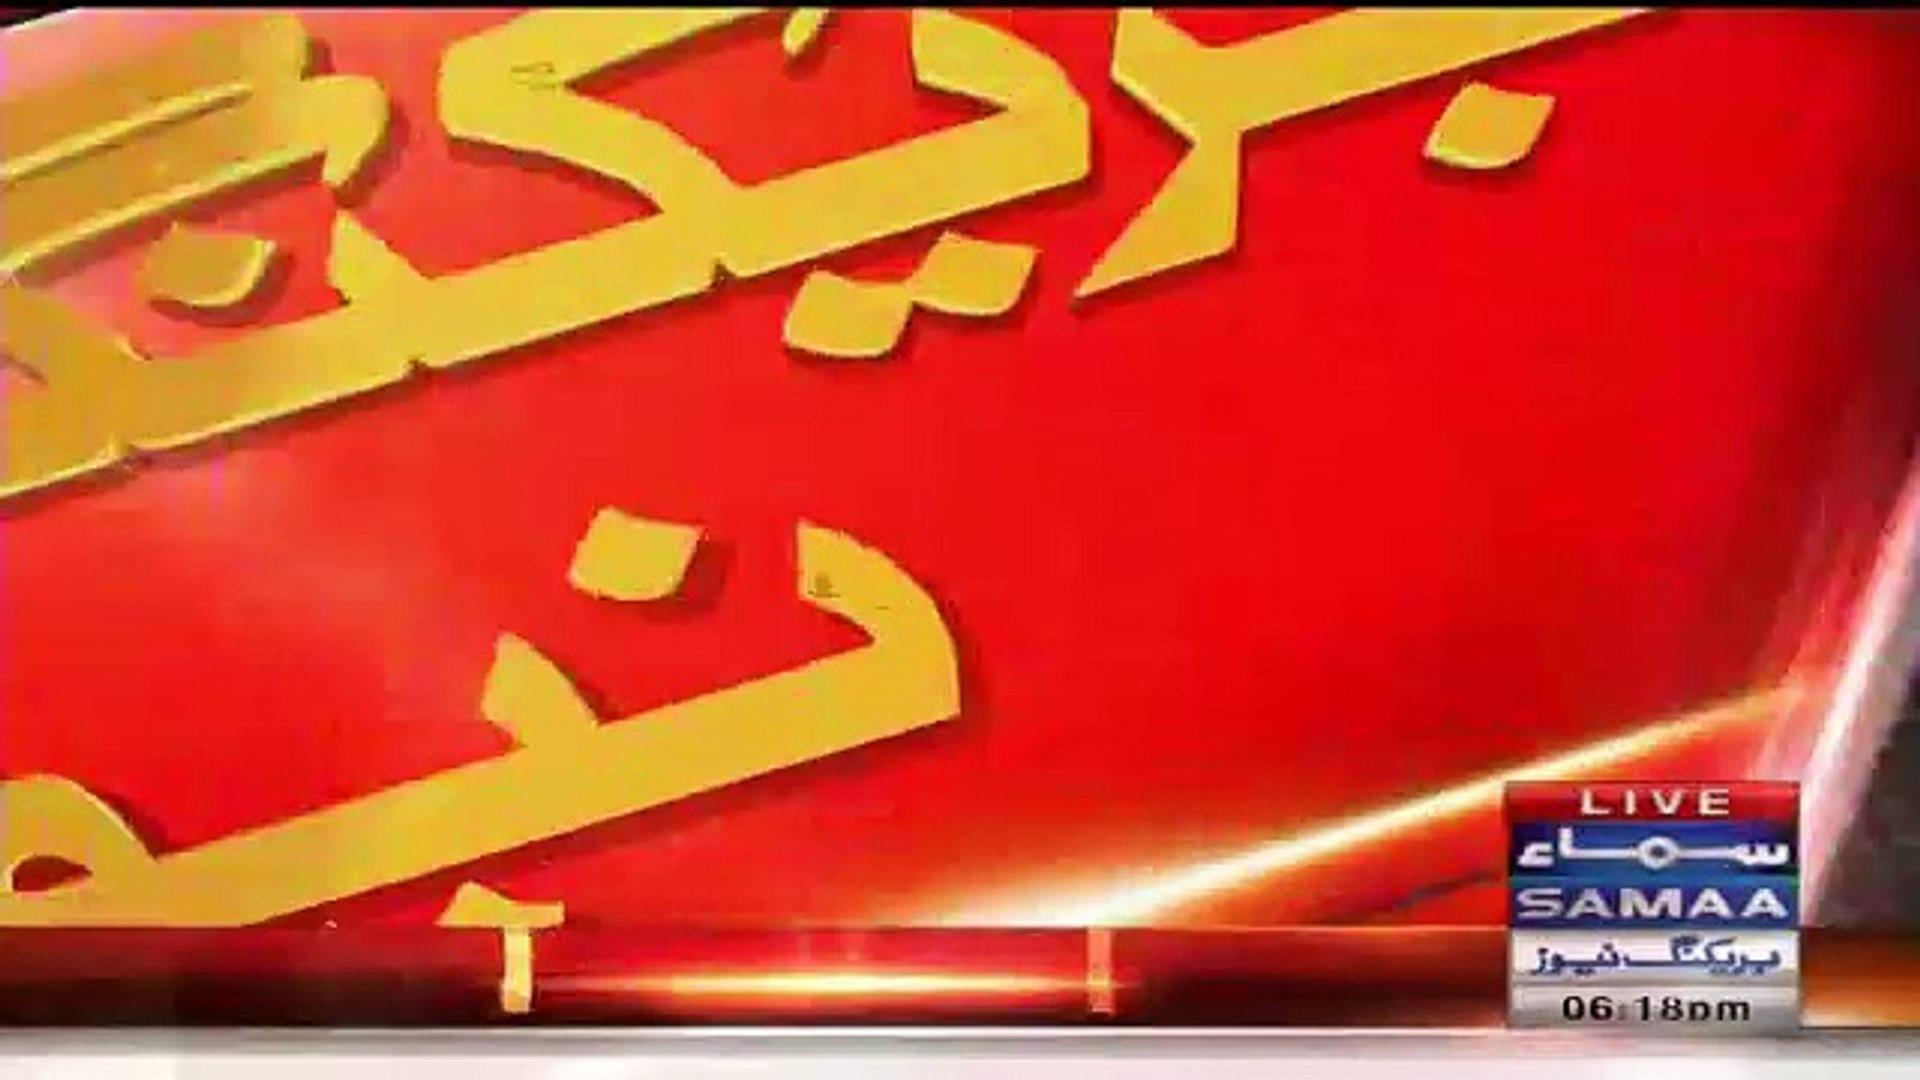 Karachi main Van Kharab hone per school jaane wale bacho ki Rangers ne kis  tarah madad ki???